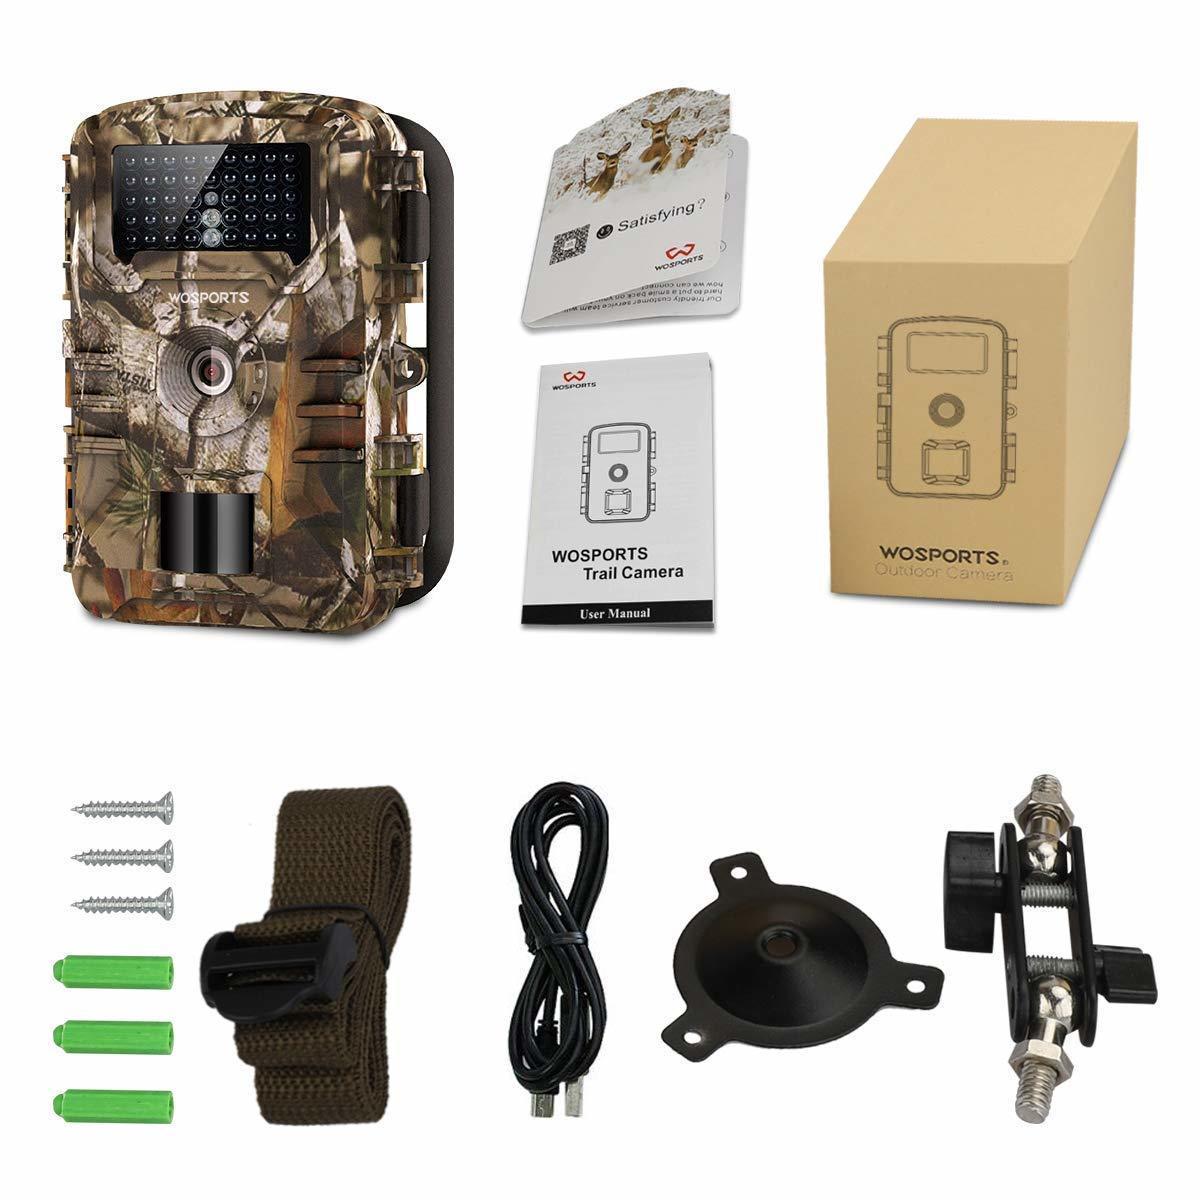 トレイルカメラ 防犯カメラ 暗視カメラ 人感センサー1200万画素 IP56防水 1080P フルHD 動き検知 不可視赤外線LEDライト 日本語説明書_画像9